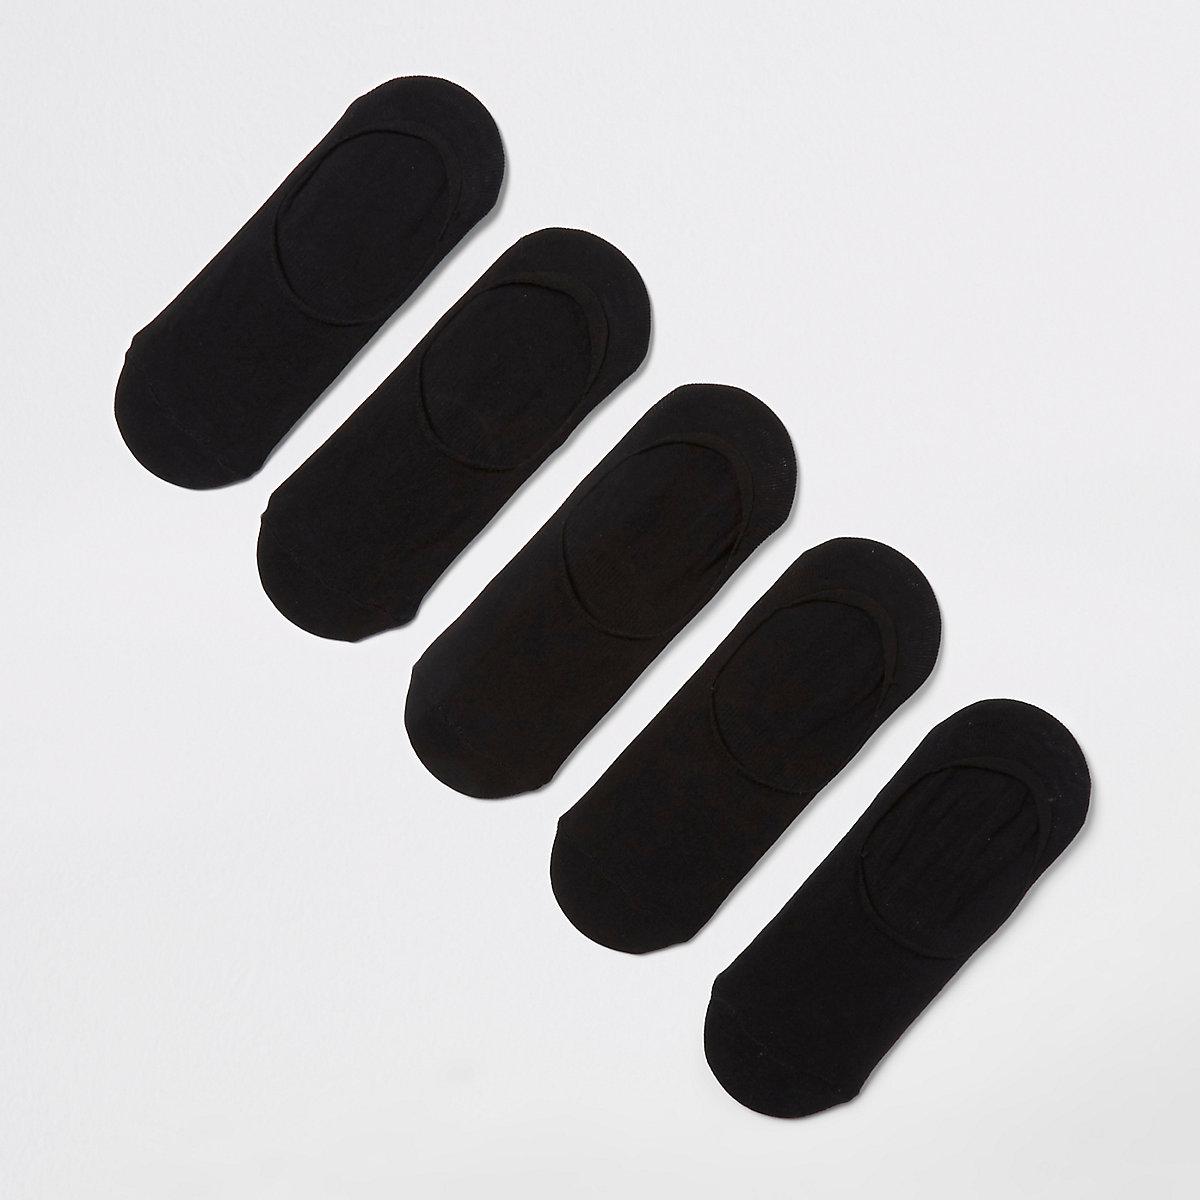 Black sneaker liner socks 5 pack